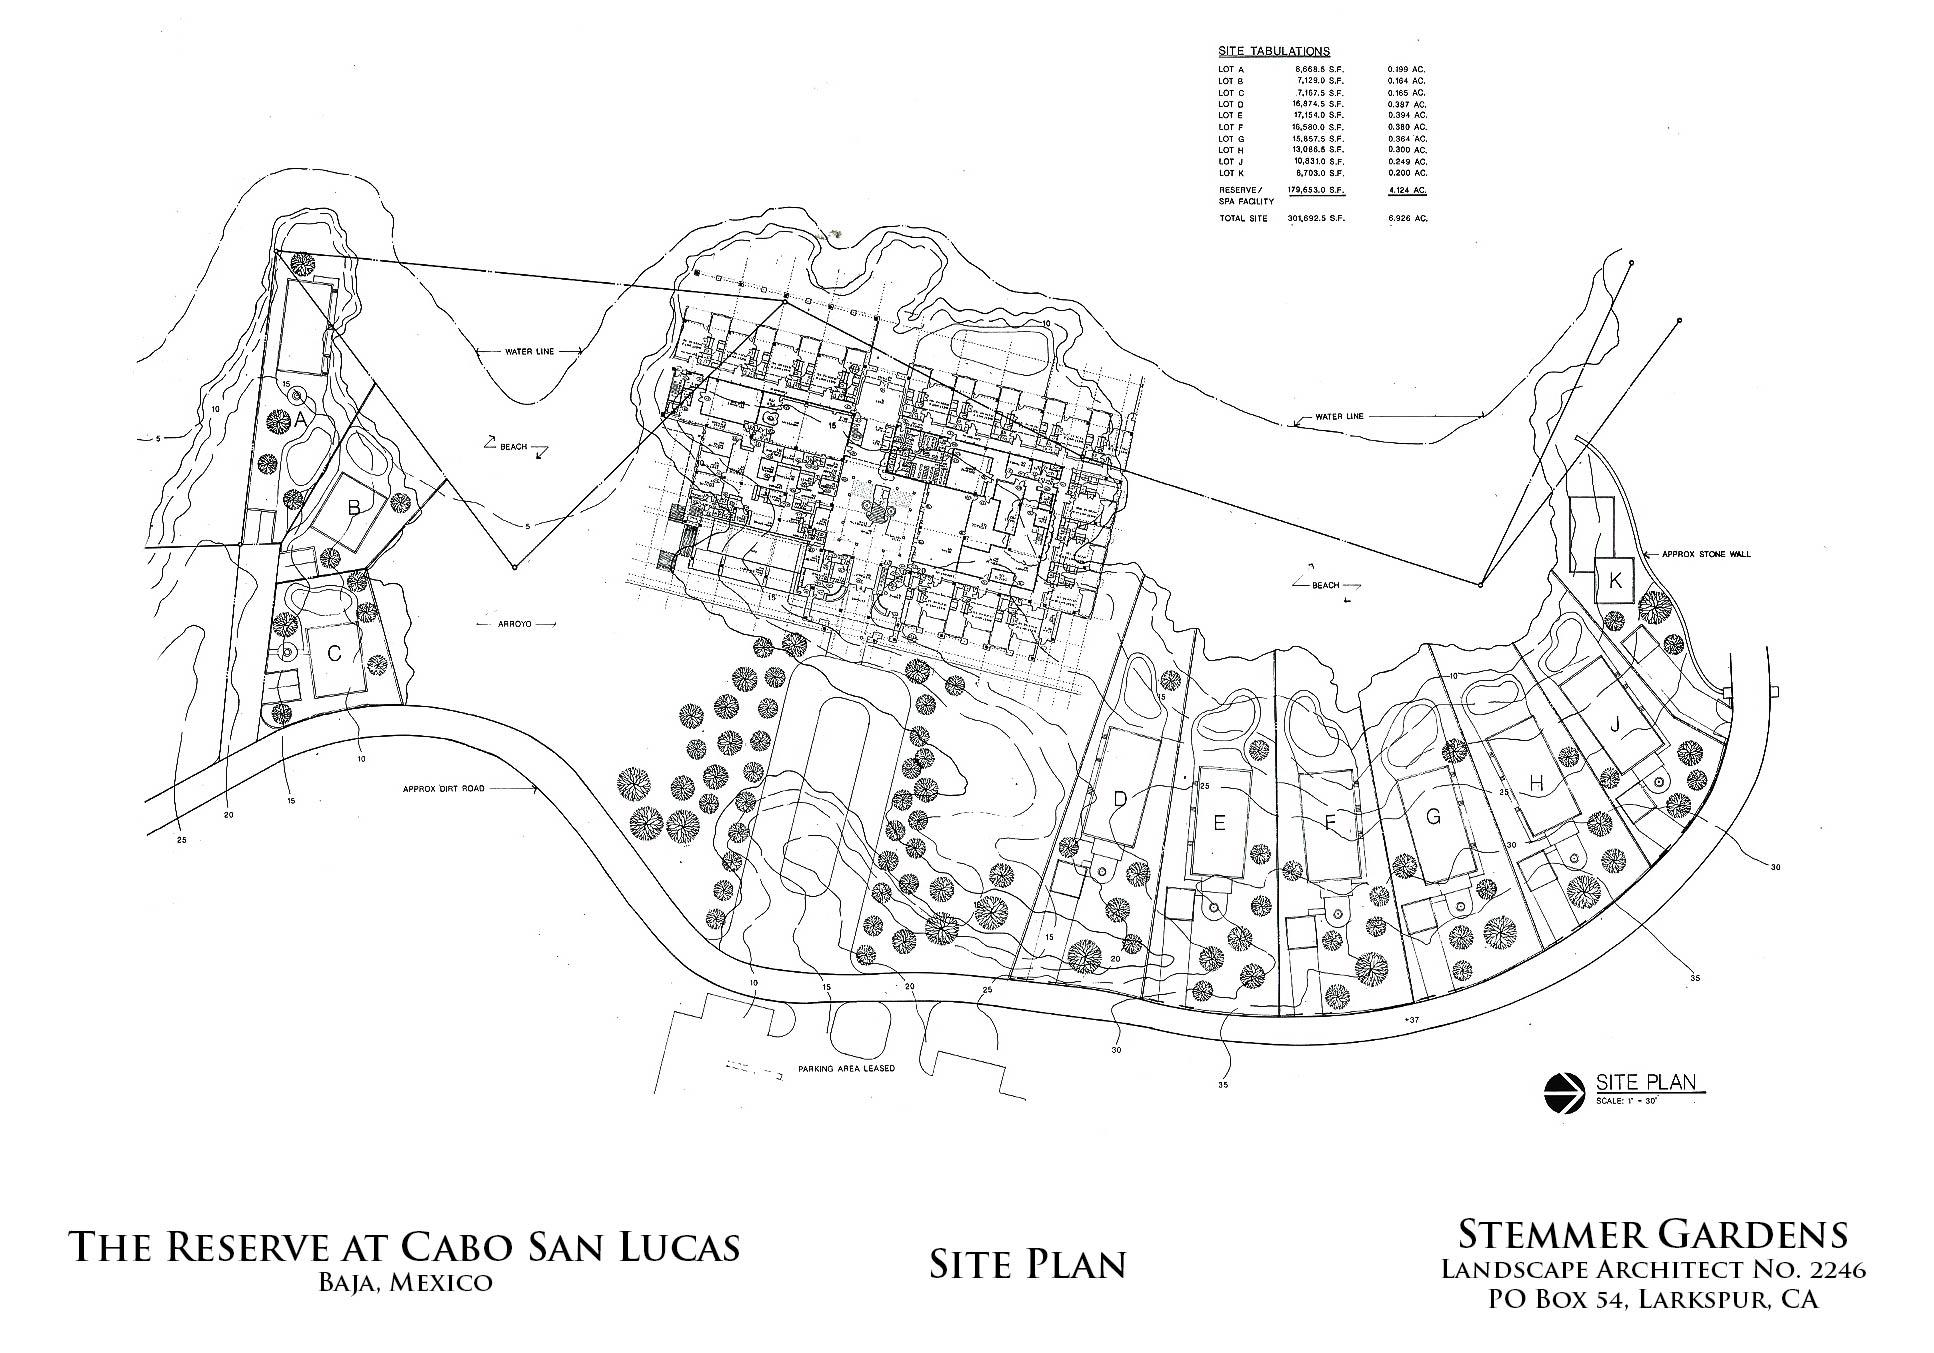 CDPC Landscape Architecture - The Reserve